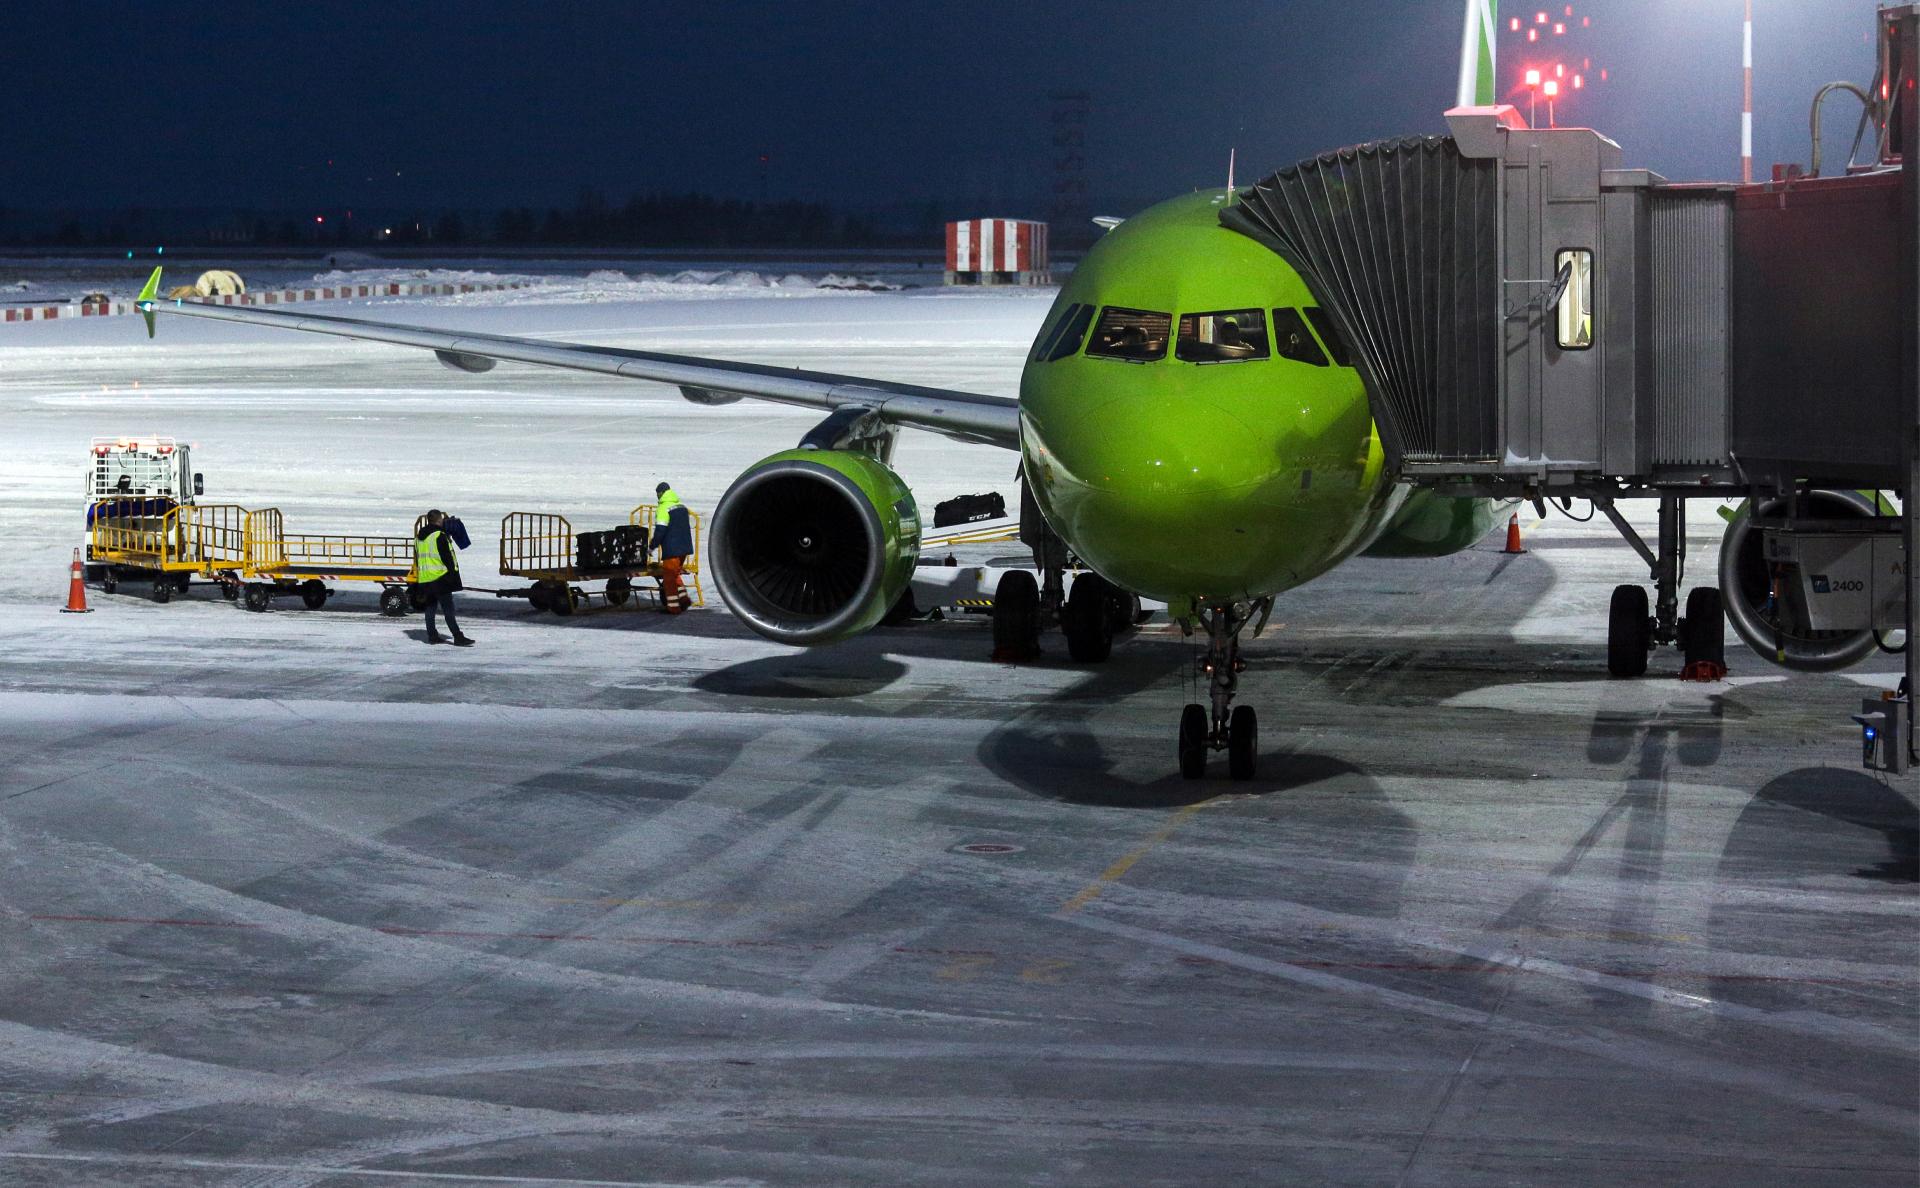 СК назвал возможную причину возгорания двигателя самолета в Новосибирске